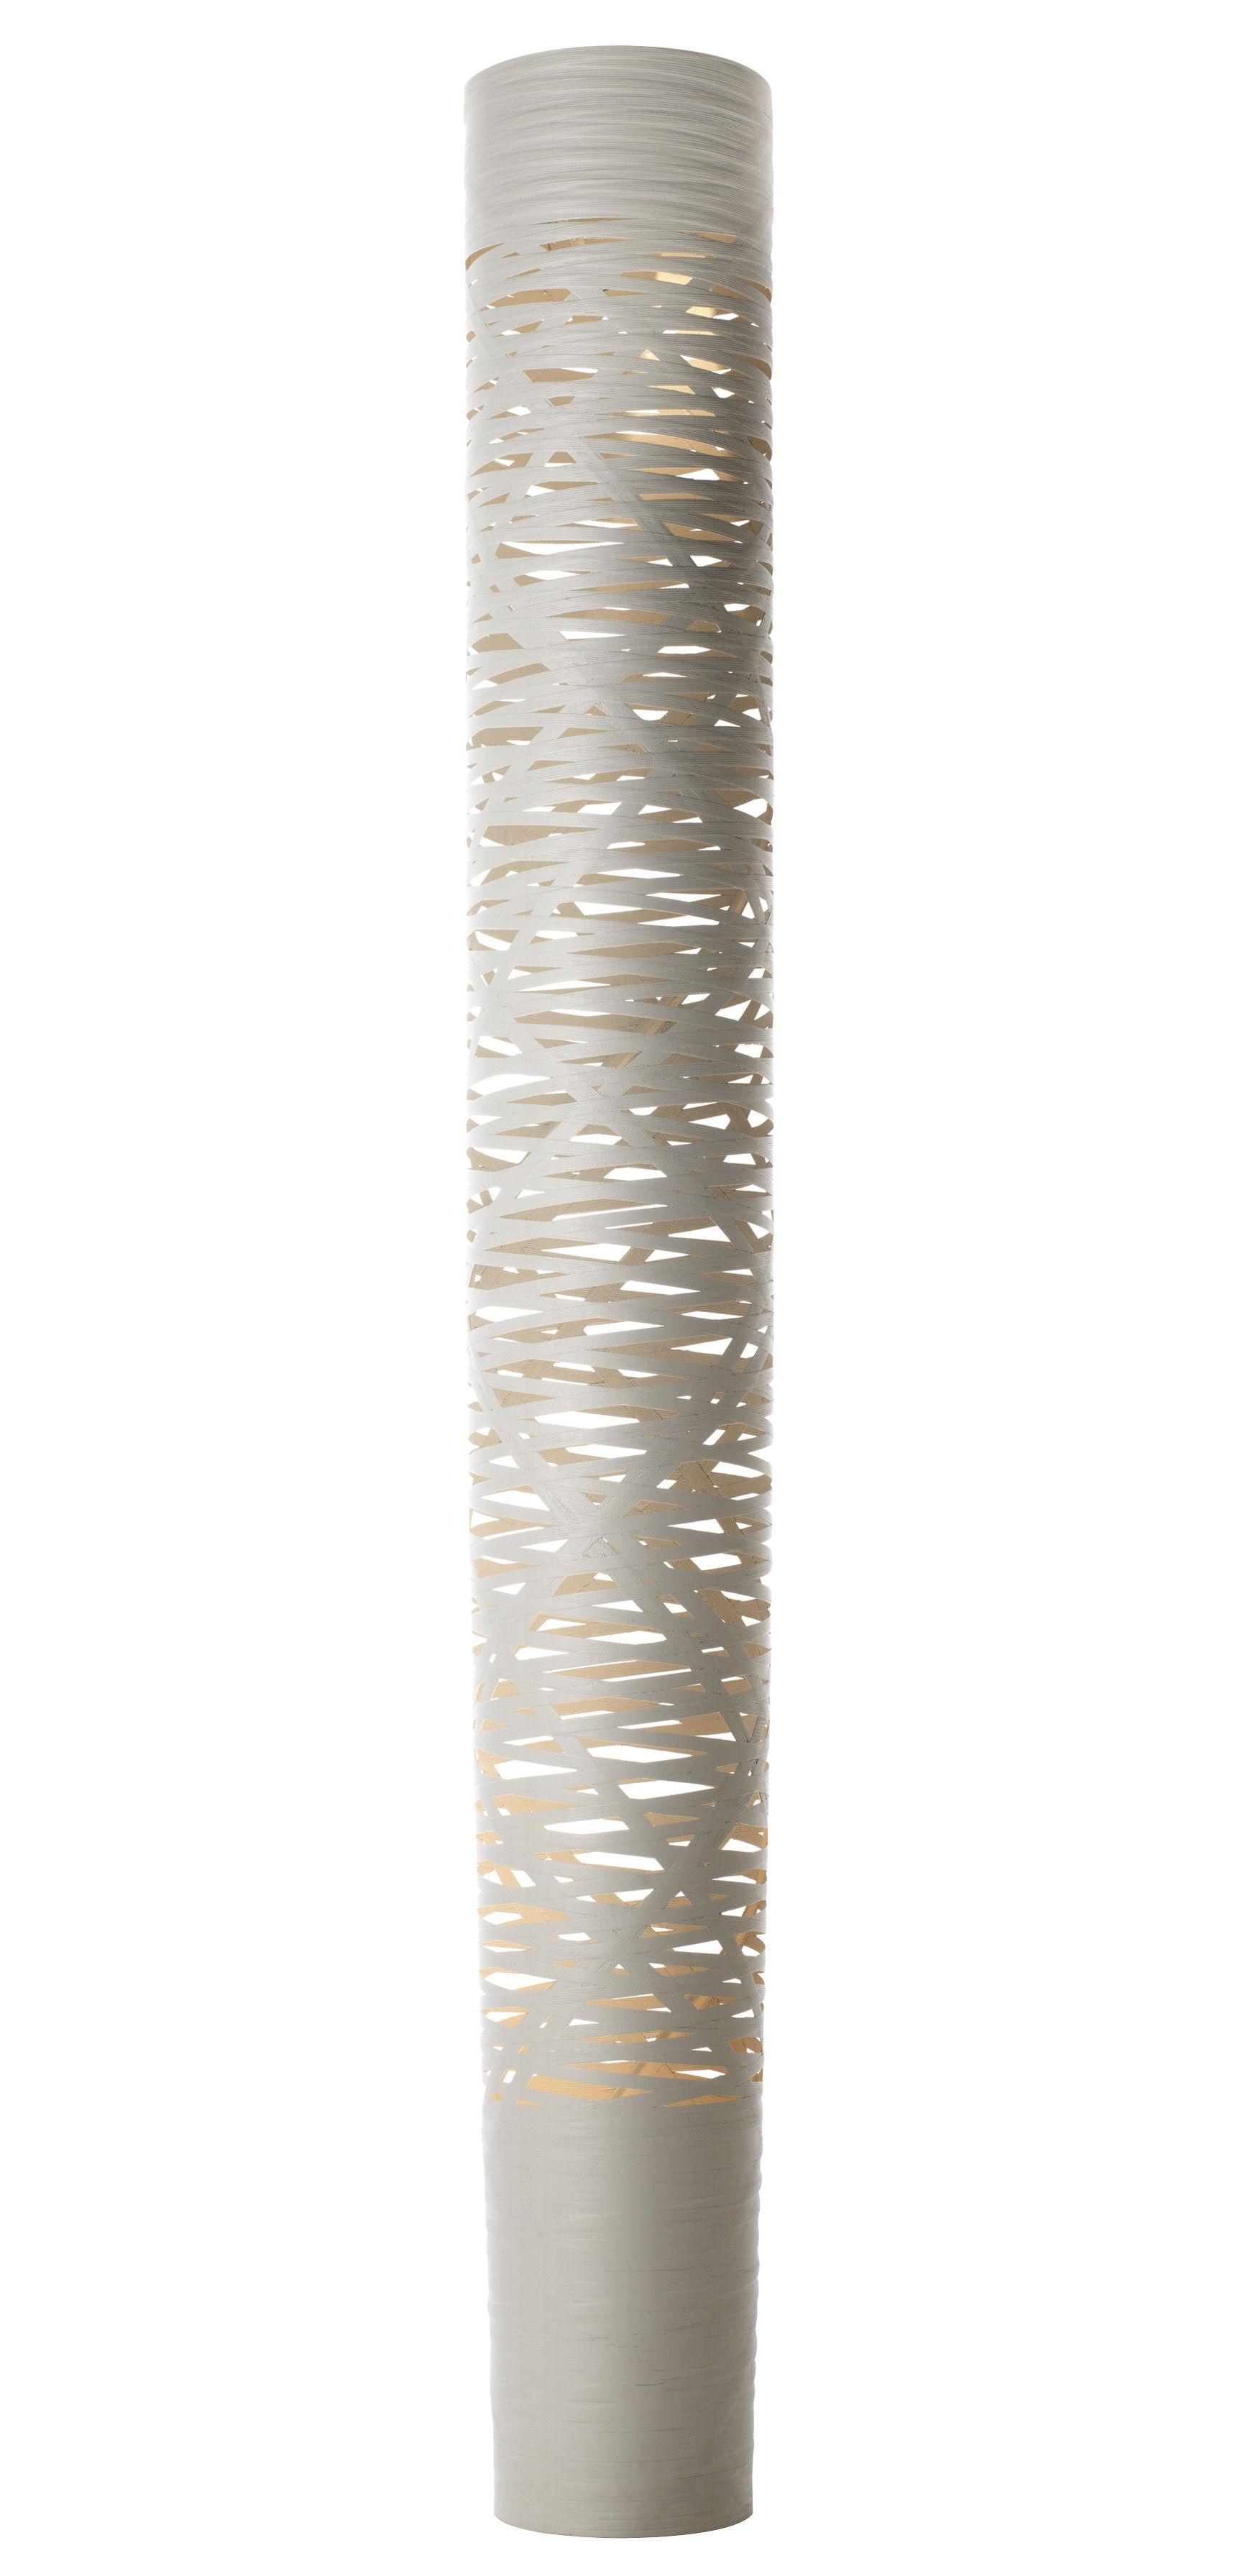 Luminaire - Lampadaires - Lampadaire Tress / H 195 cm - Foscarini - Blanc - Fibre de verre, Matériau composite